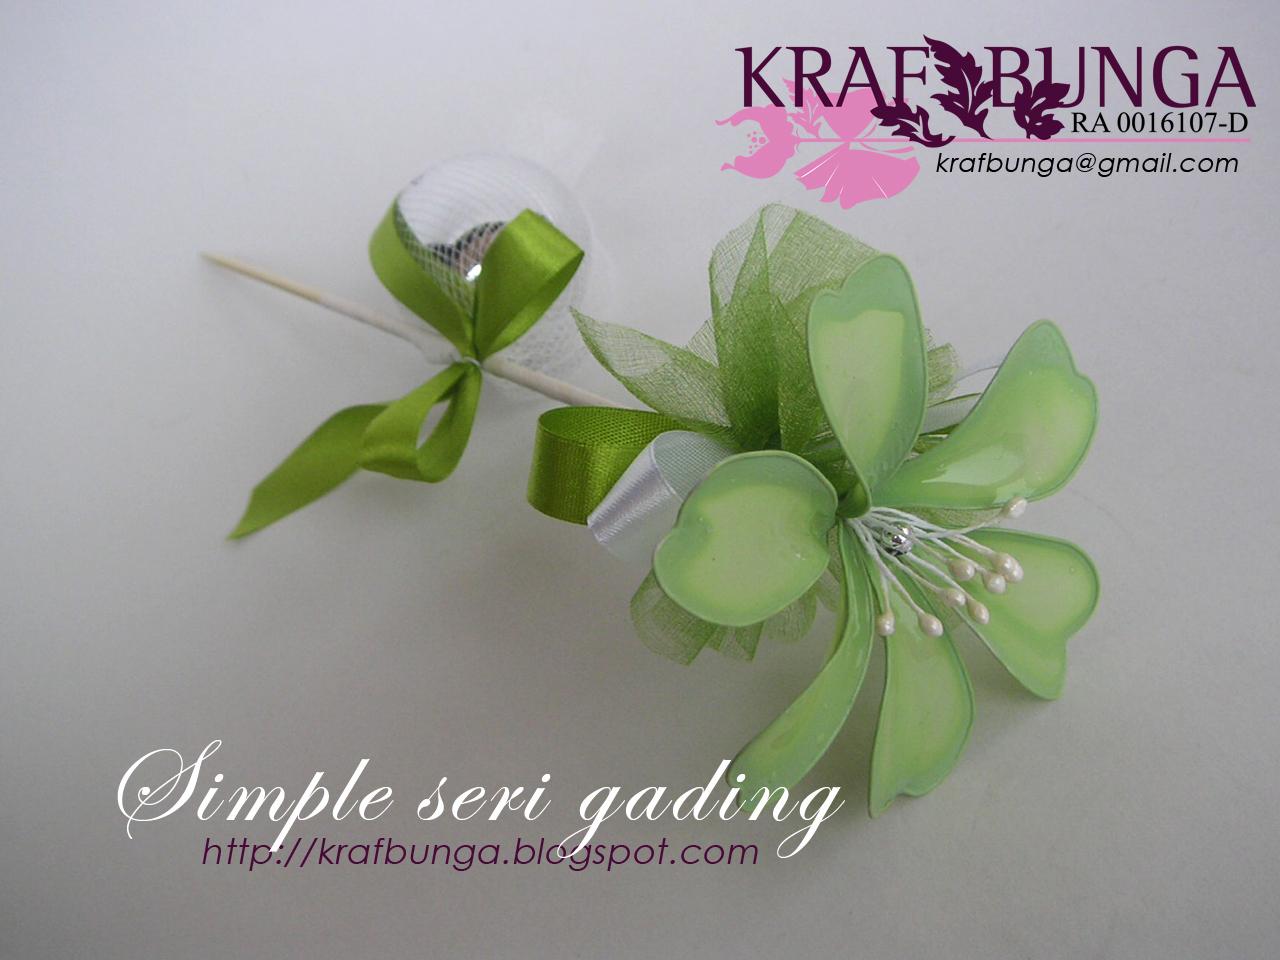 http://2.bp.blogspot.com/-fZKu1AjCu_4/TZP25yRBNUI/AAAAAAAAA-w/DhRzq-q1J0I/s1600/simple+seri+gading+soft+green5.jpg